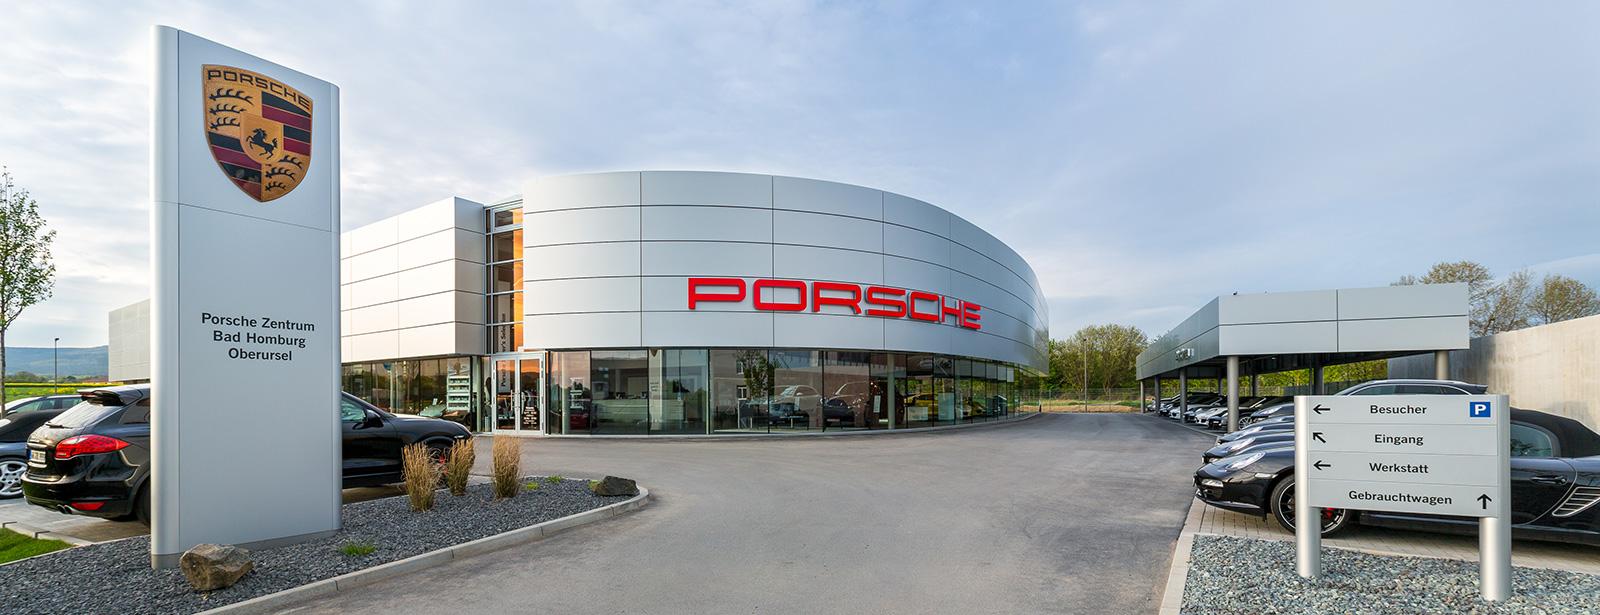 Das neue Porsche Zentrum Bad Homburg/Oberursel.